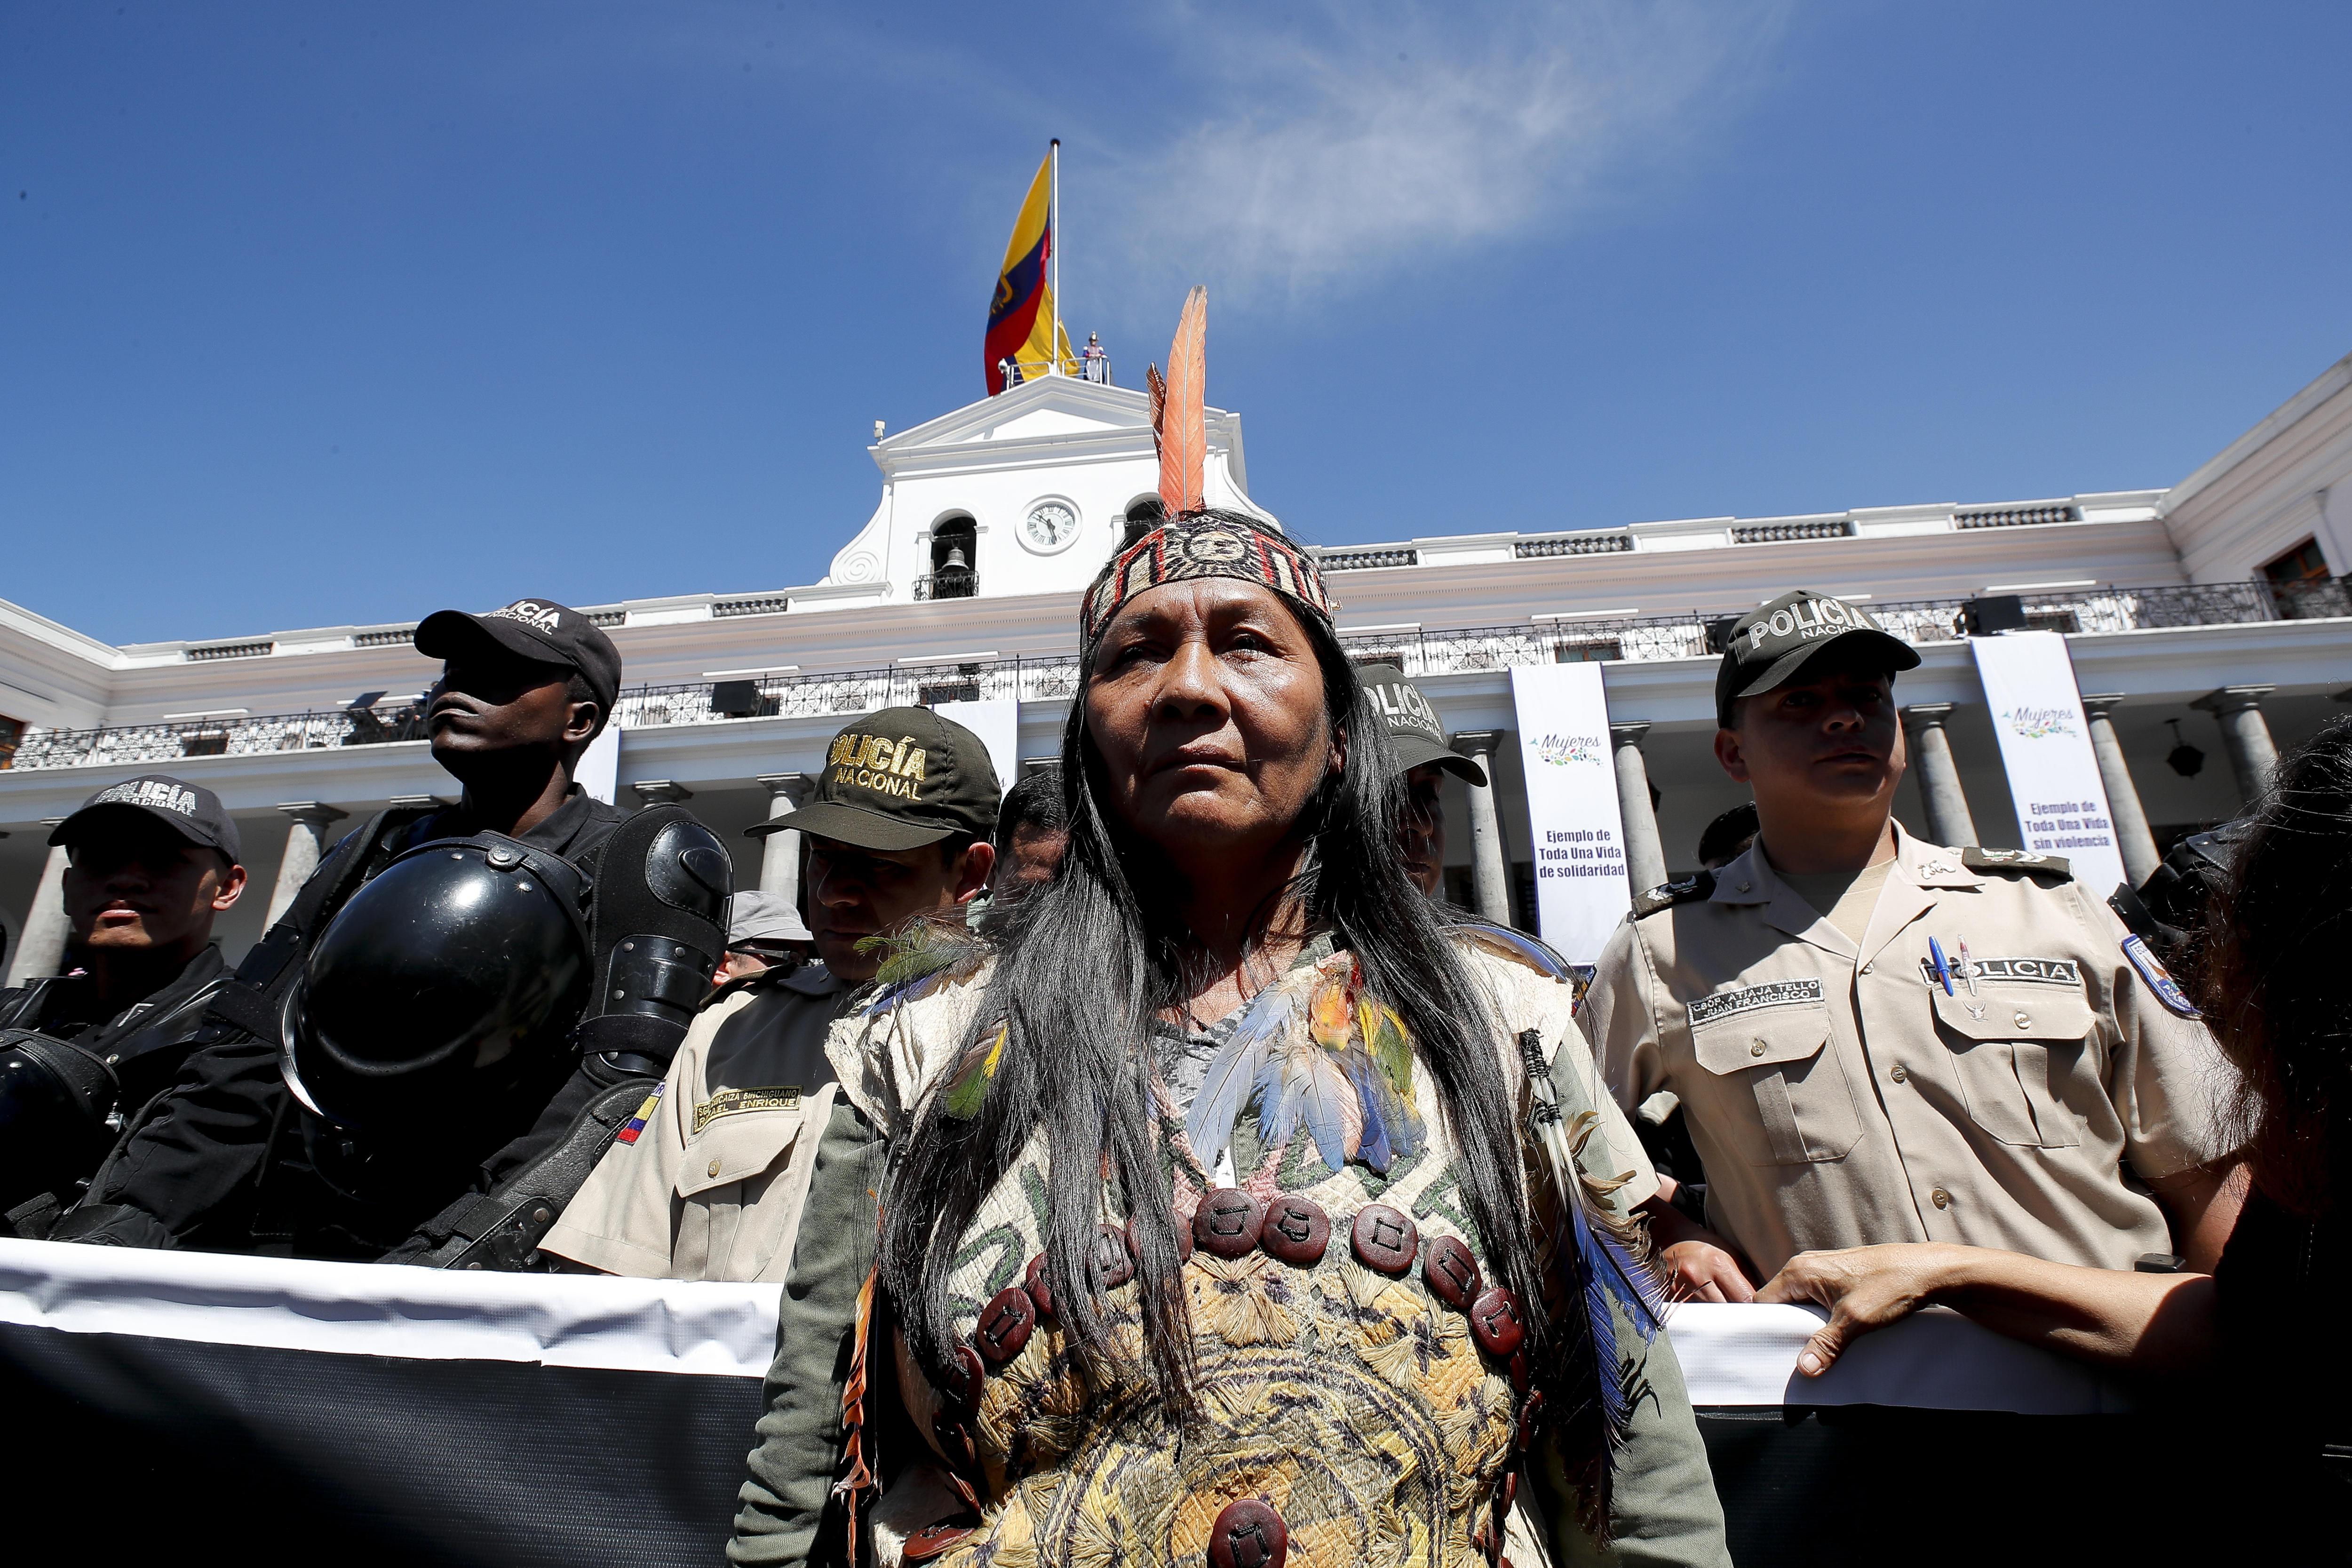 Dones de l'Amazònia equatoriana exigeixen frenar l'extracció minera a la selva de l'Equador, a Quito. /JOSÉ JÁCOME